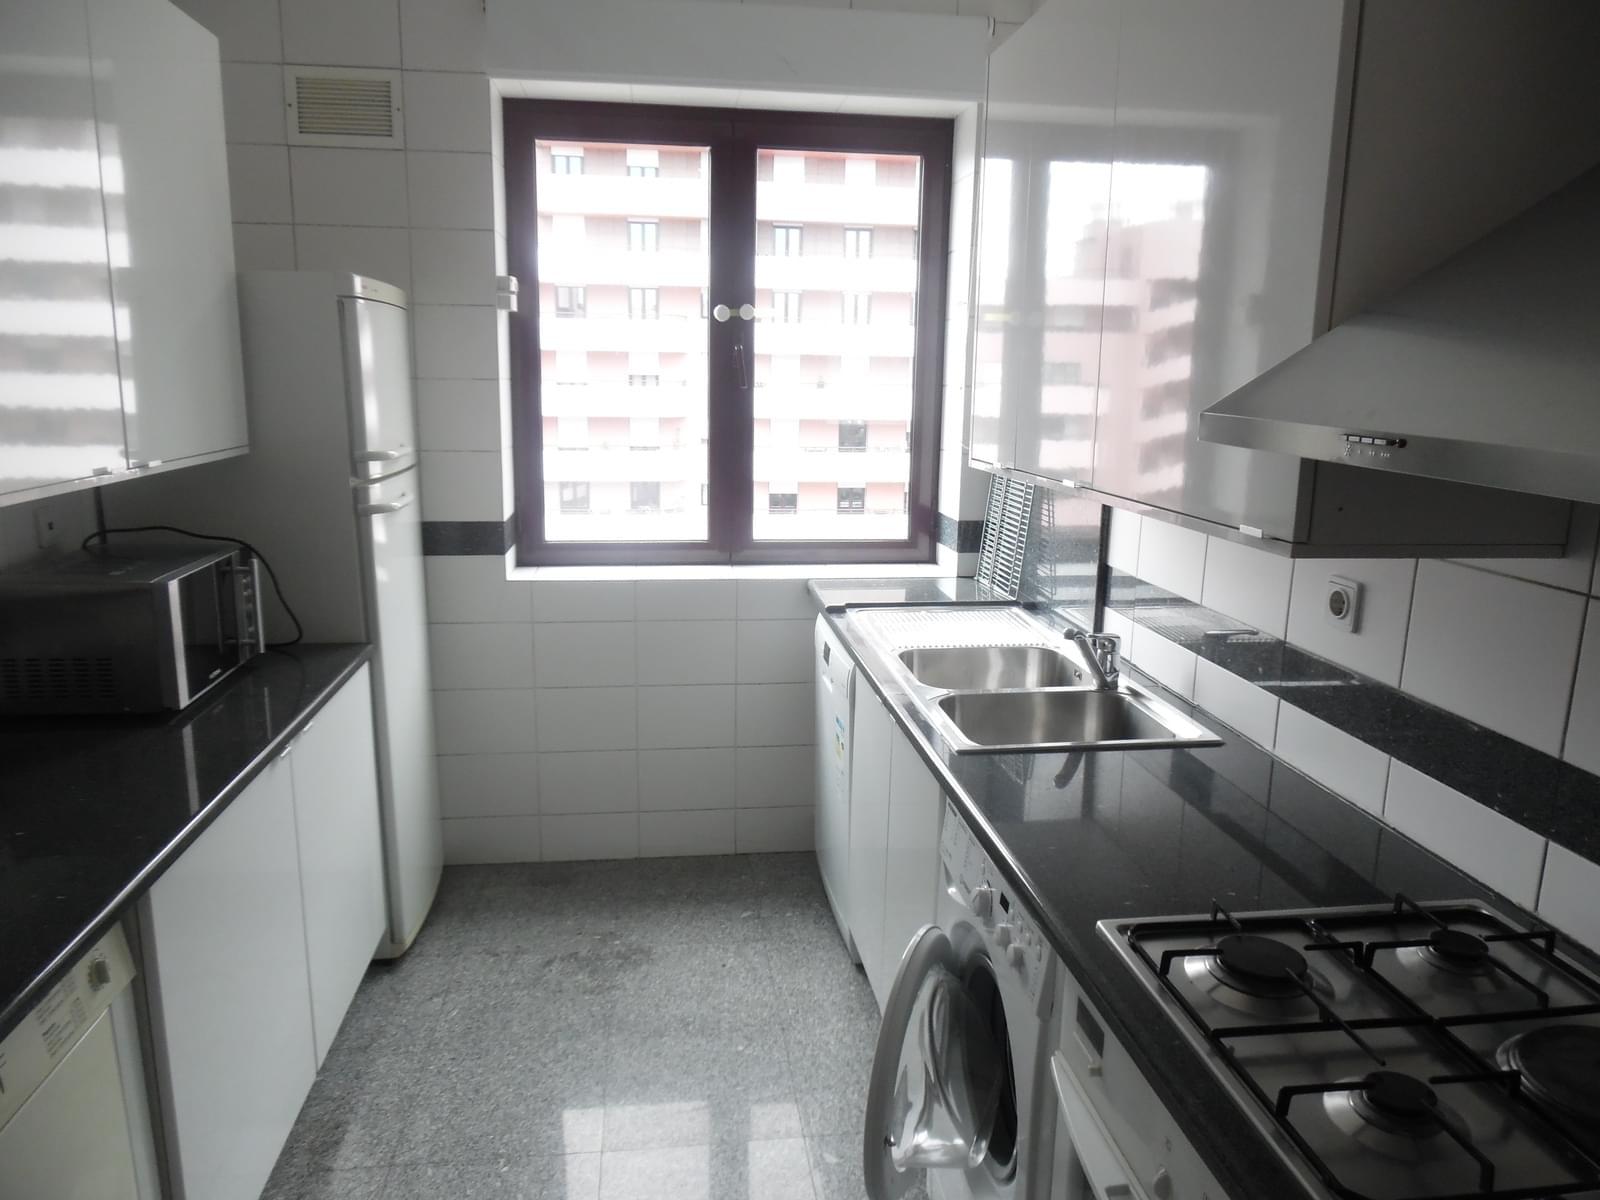 pf17637-apartamento-t2-lisboa-8cf4987a-351a-4d28-a286-f3c17934db96